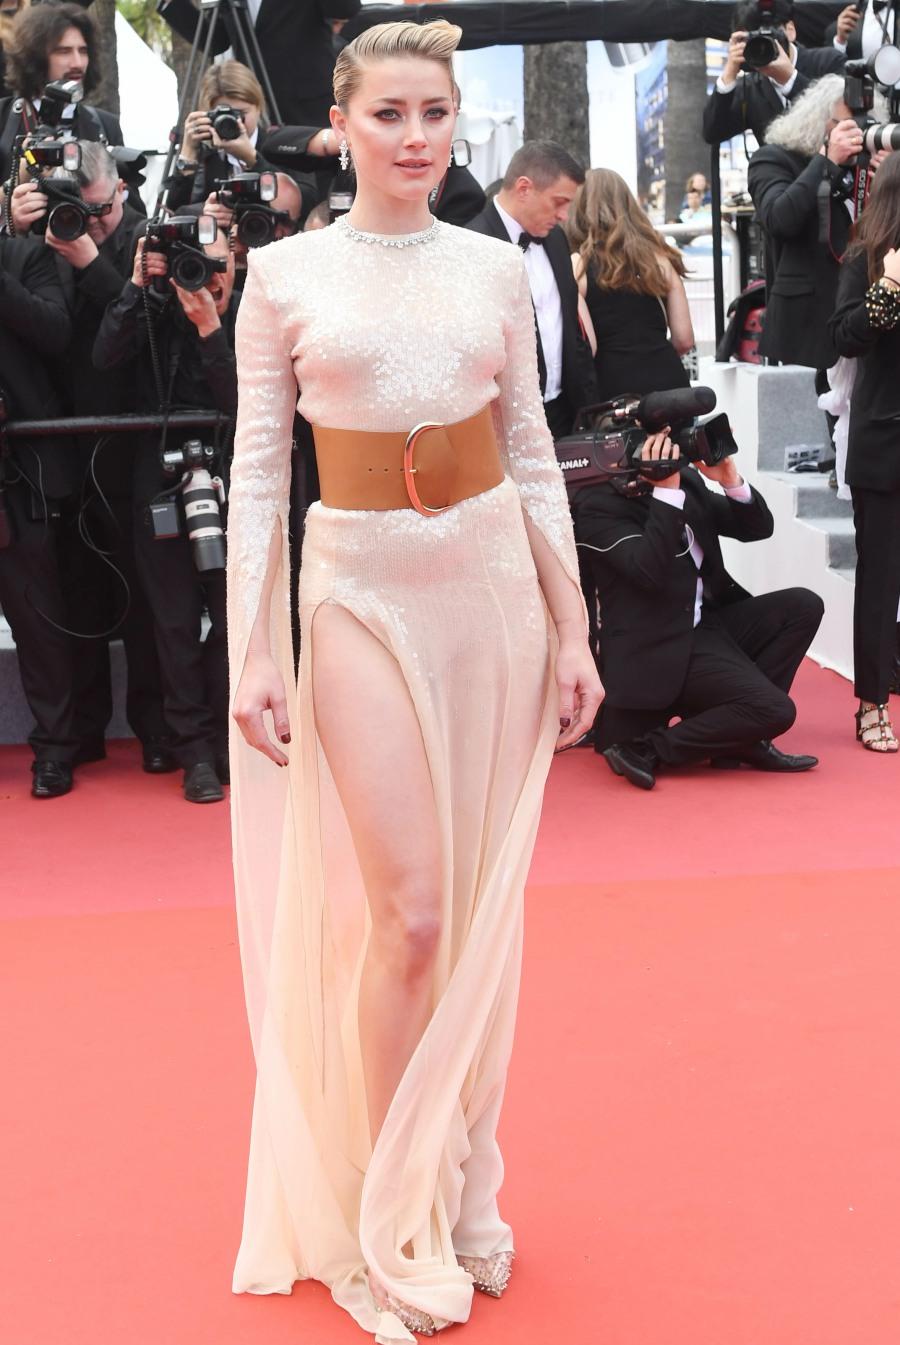 Les Miserable premiere al Festival di Cannes